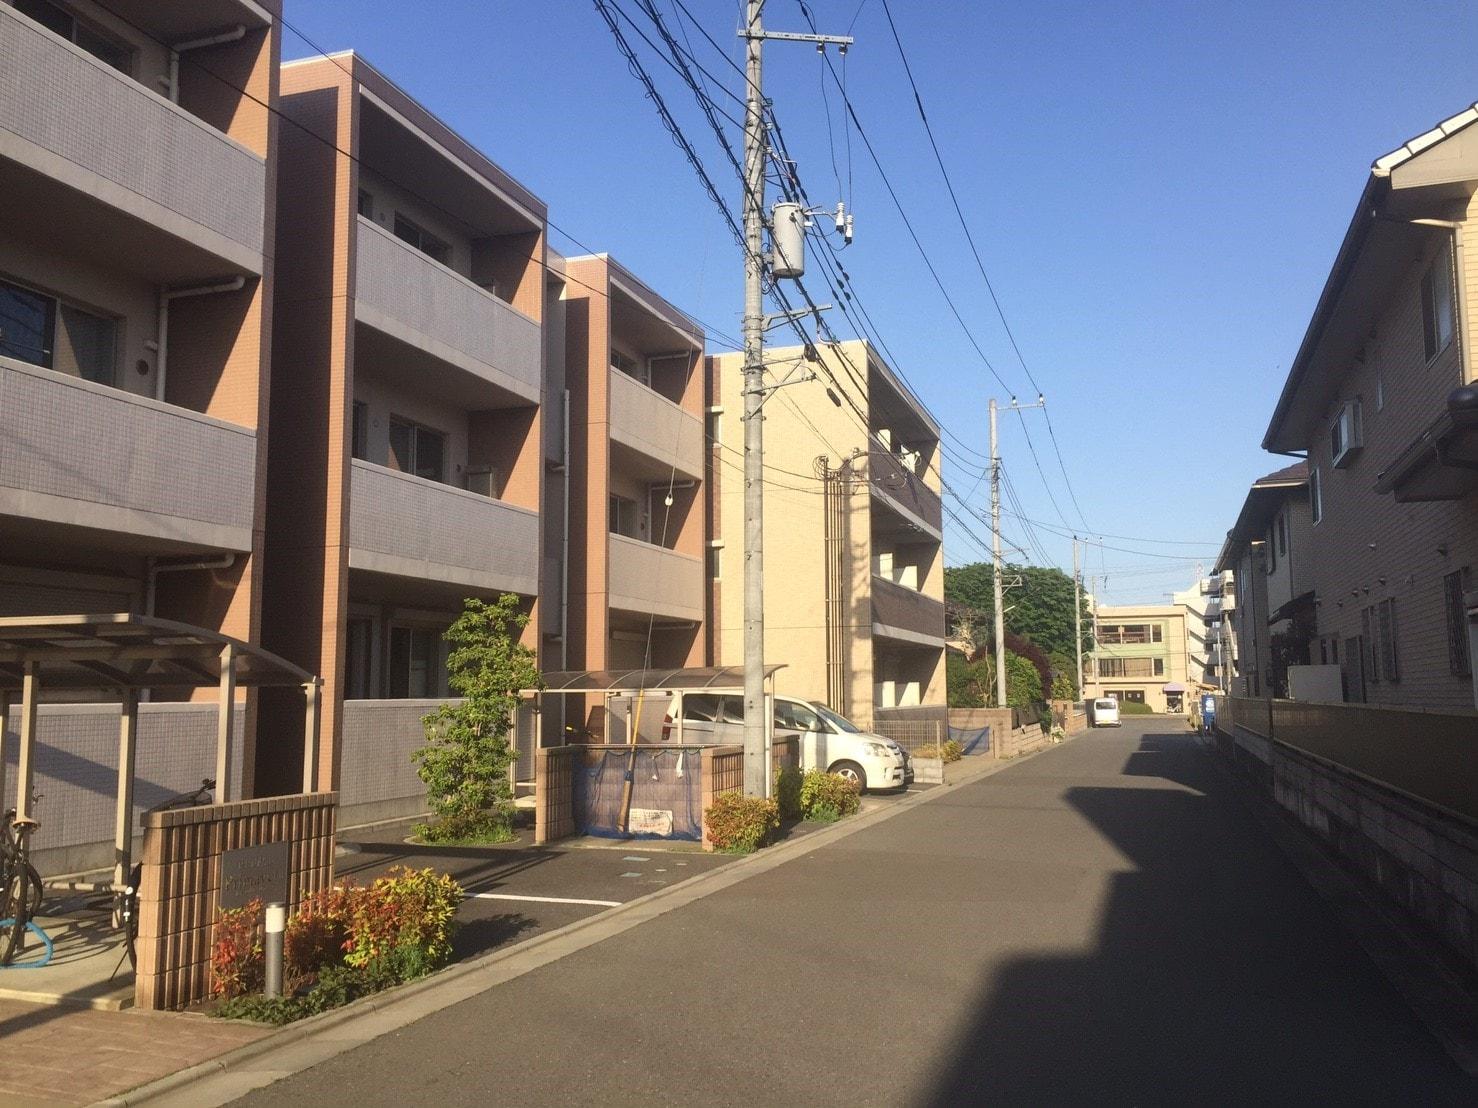 綺麗な建物が多い住宅街の風景